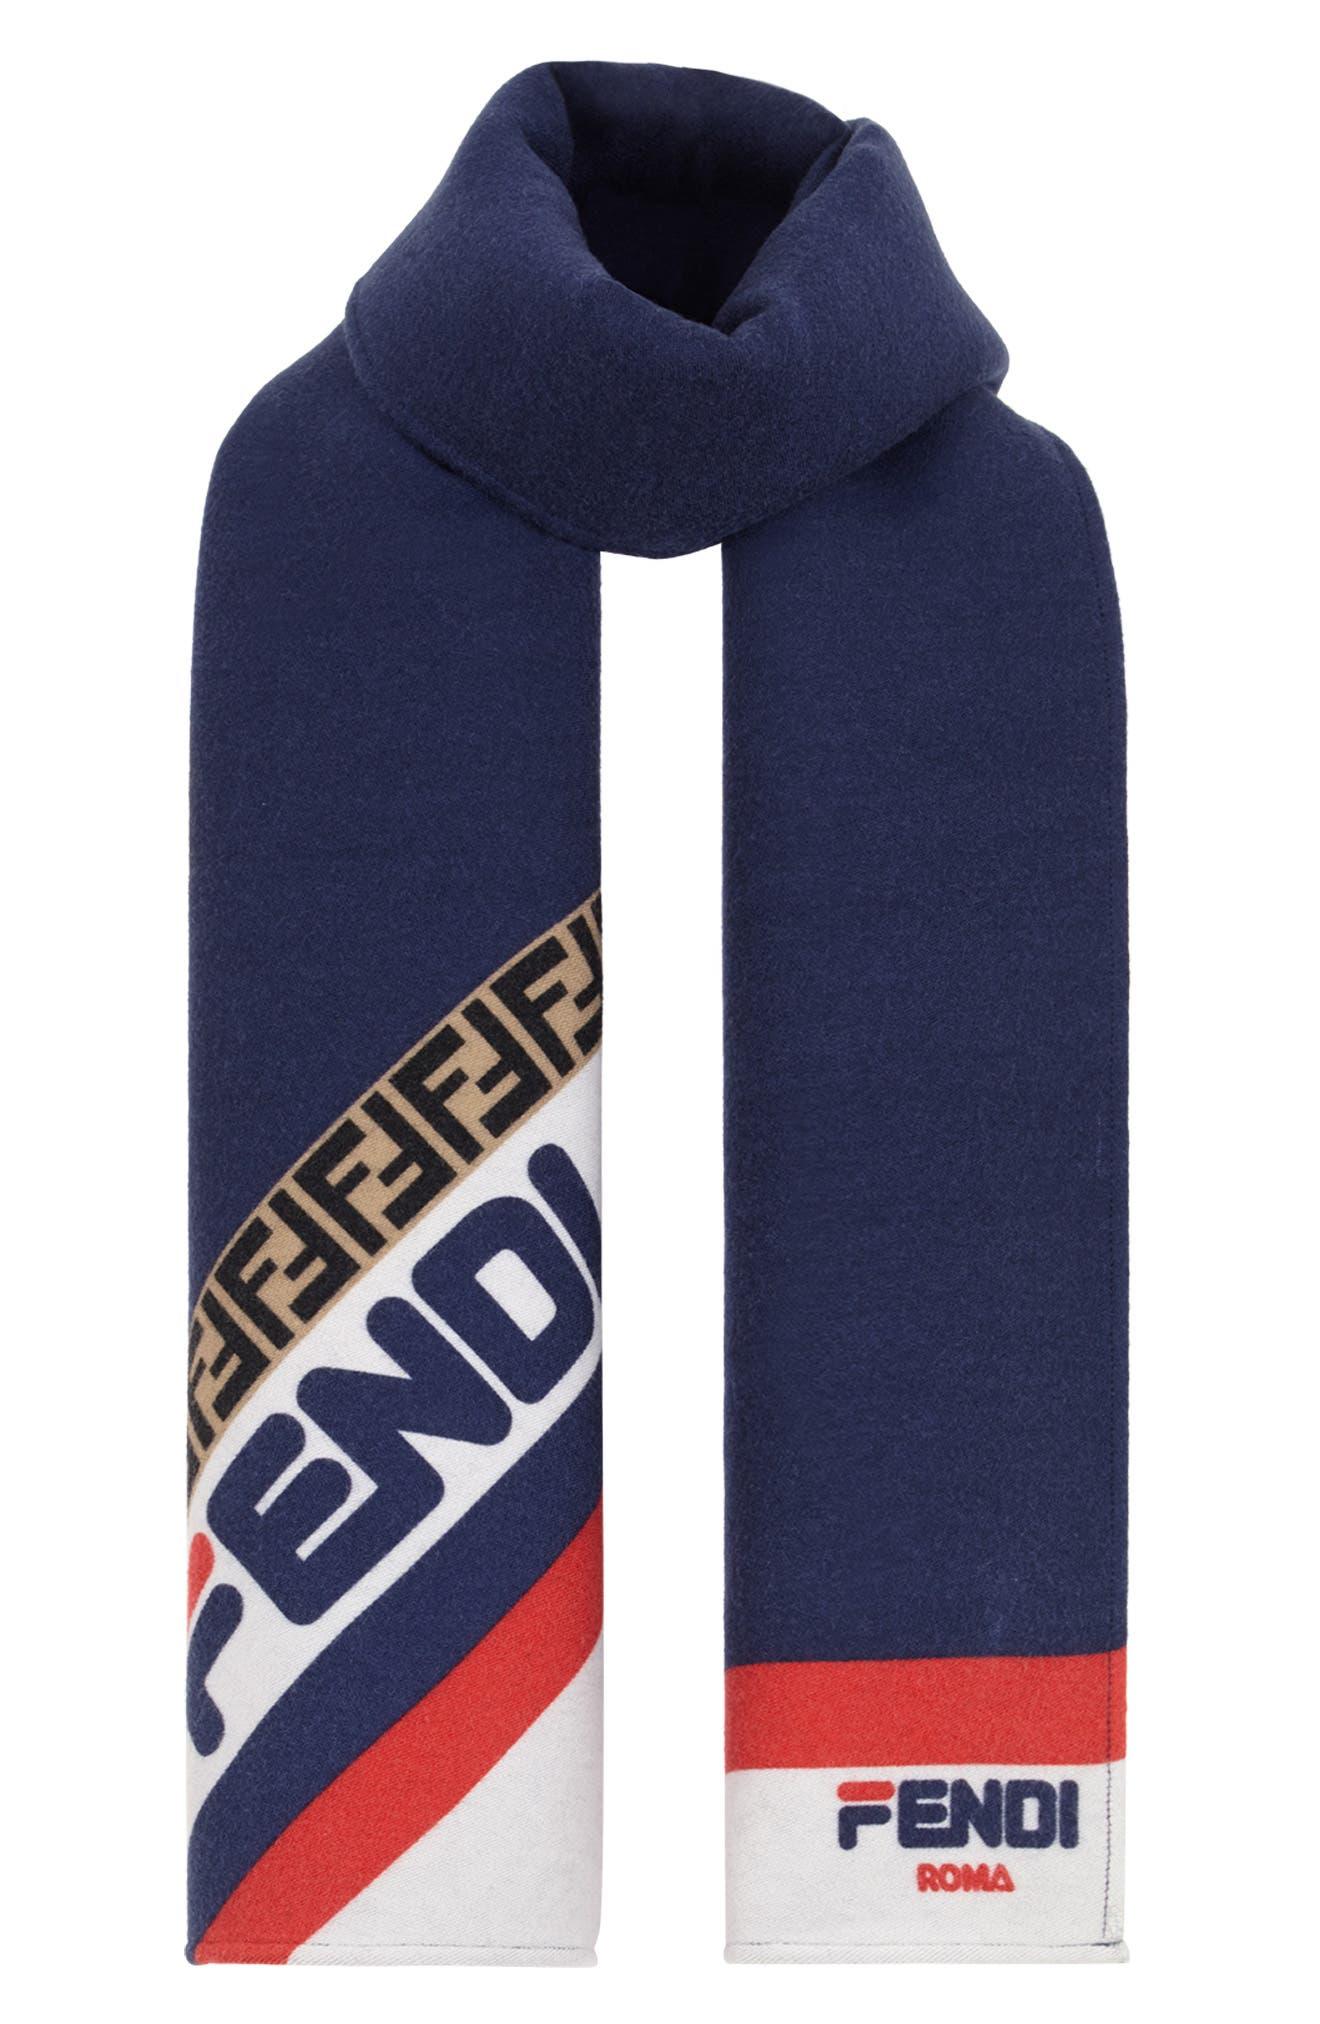 0a5af843e8 Women's Fendi Scarves | Nordstrom